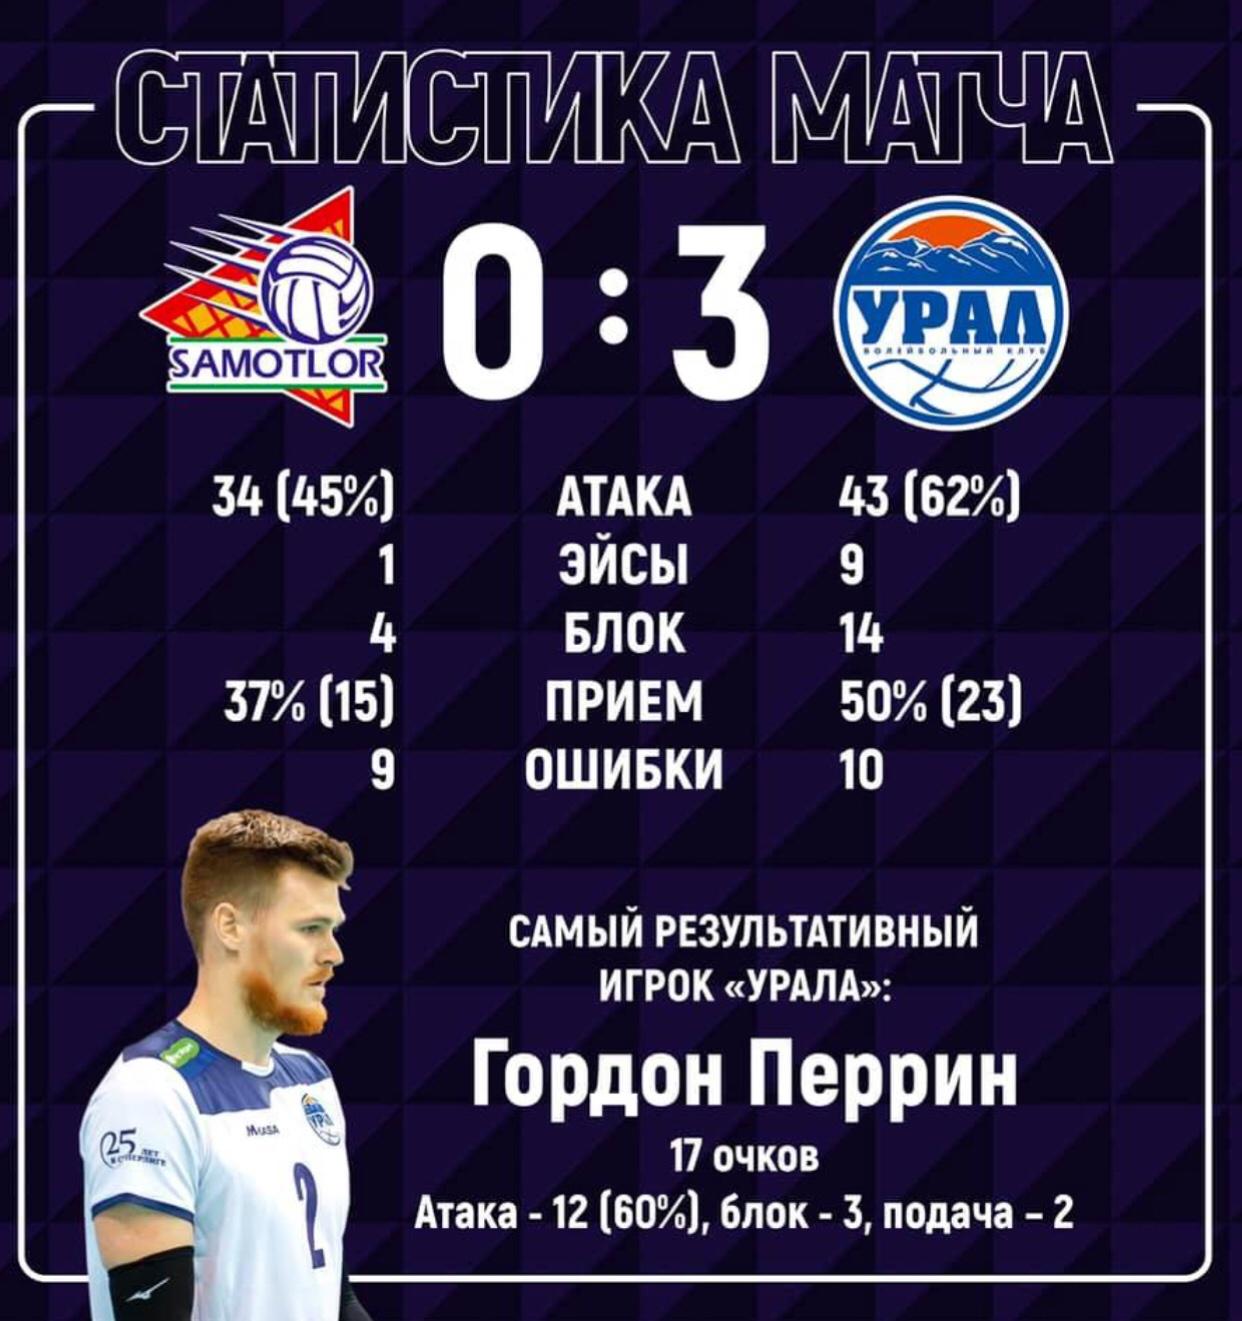 Russia: Yugra Samotlor Nizhnevartovsk – Ural Ufa 0:3 in postponement of Round 24